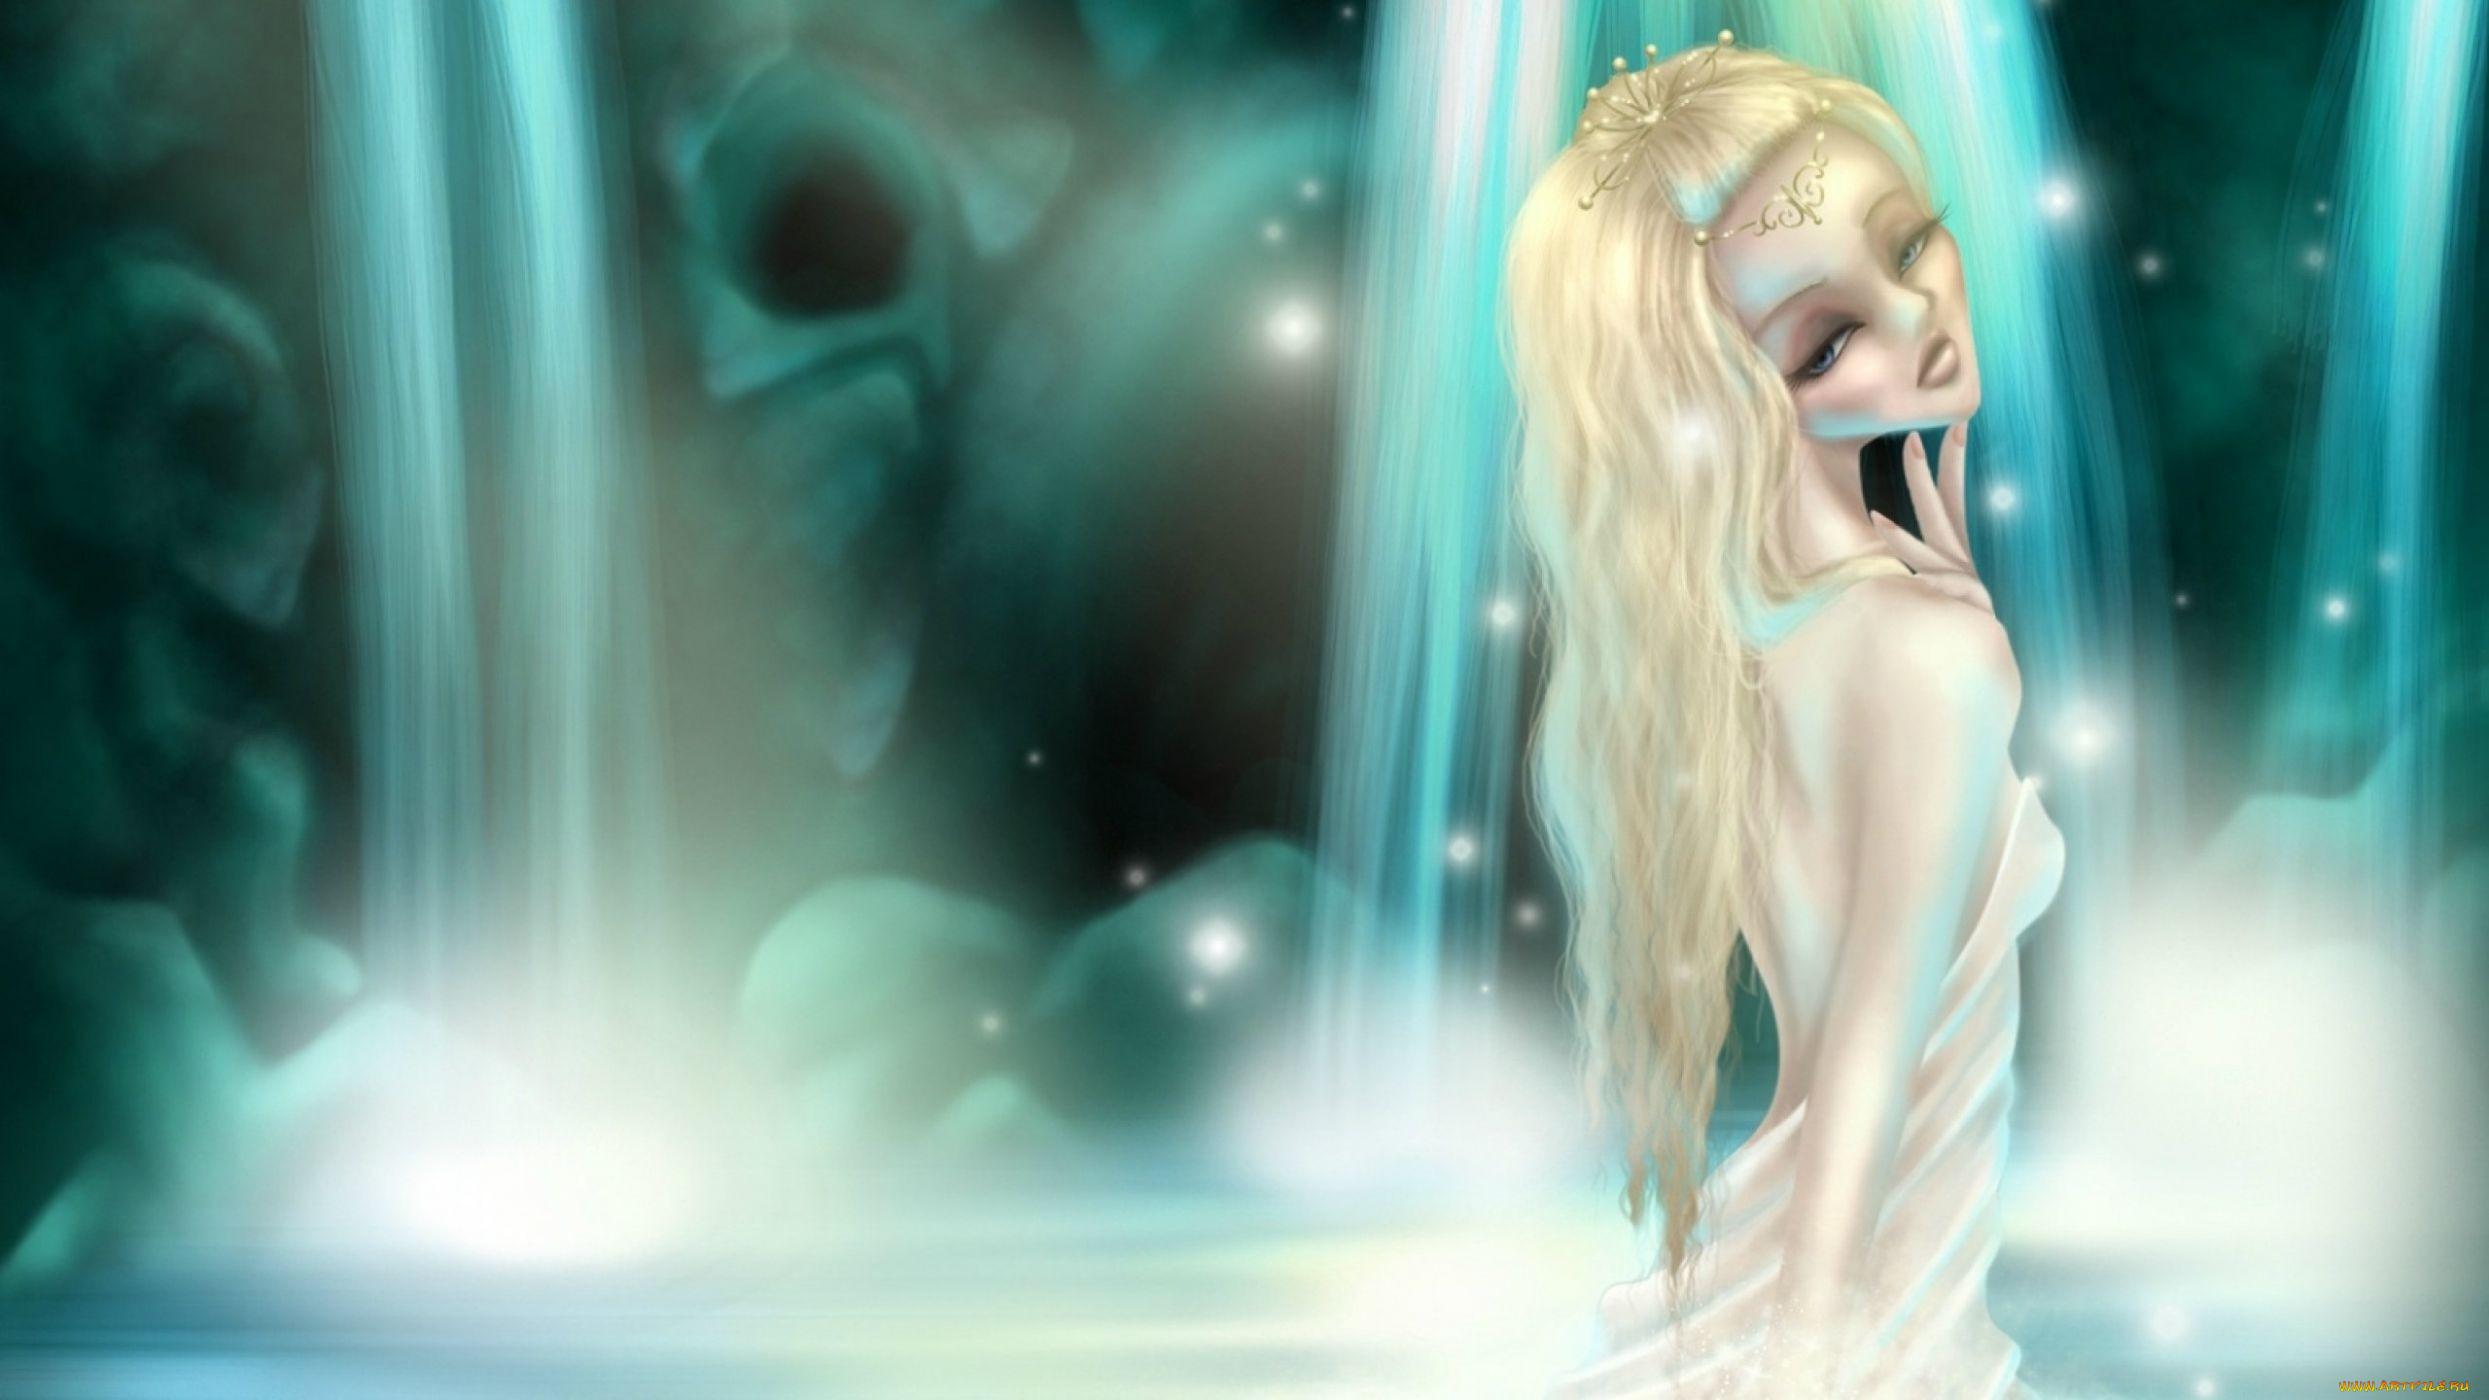 рисованное, люди, девушка, блондинка, водопад